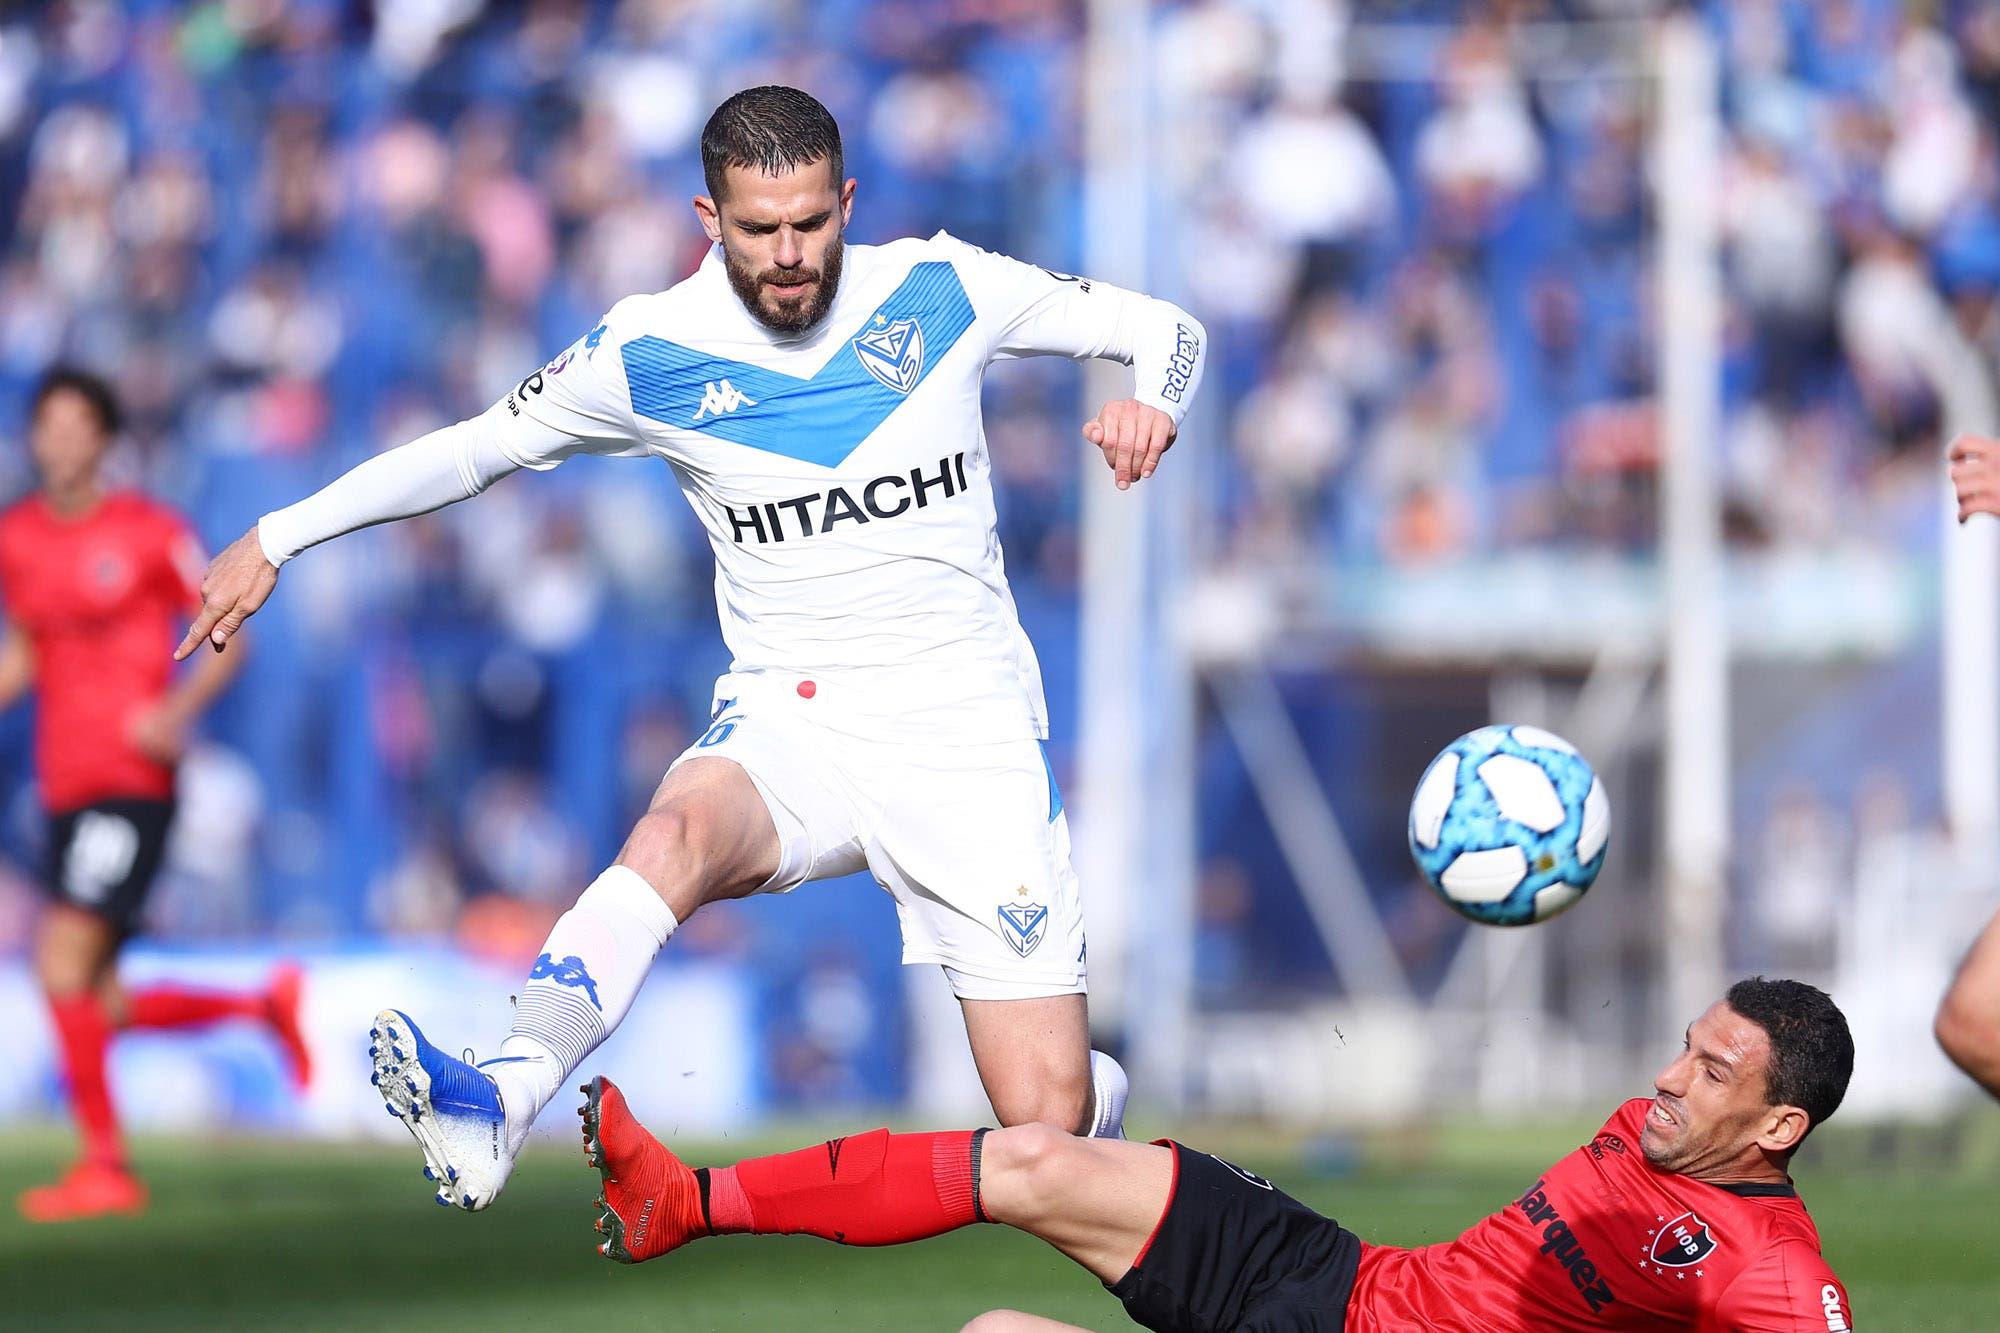 Fernando Gago volvió al fútbol: después de 8 meses se puso la camiseta de Vélez en el triunfo ante Newell's